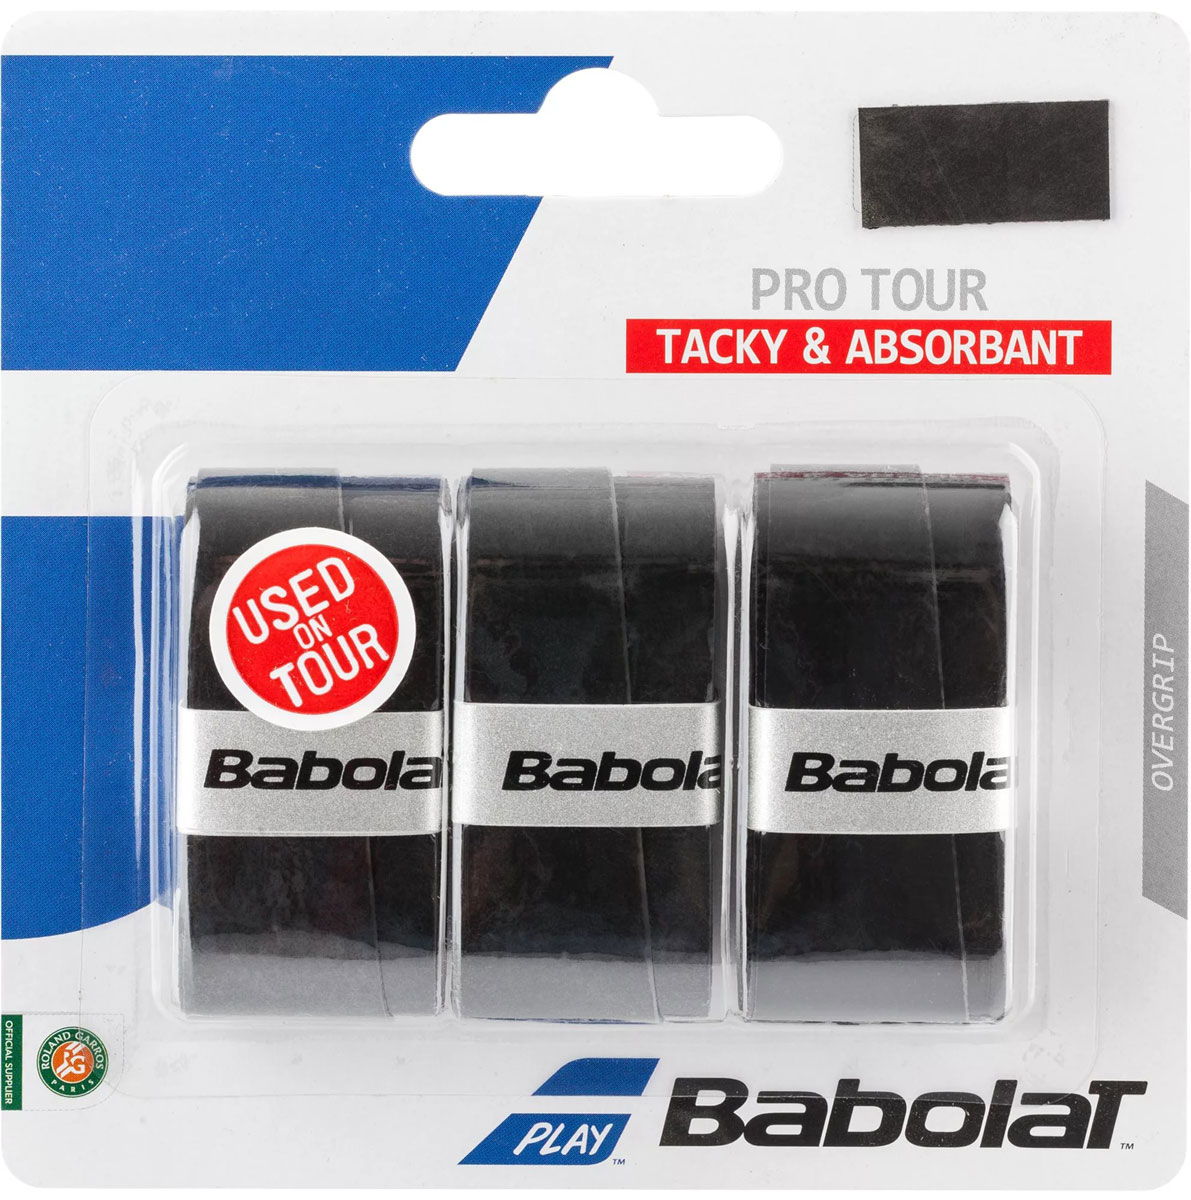 Овергрип Babolat Pro Tour X3, цвет: черный653037Овергрип Babolat Pro Tour X3 изготовлен из полимерных материалов с липкой поверхностью.Особенности: Отличное влагопоглощениеДолговечность, устойчивость к истираниюВ комплект входят 3 овергрипа.